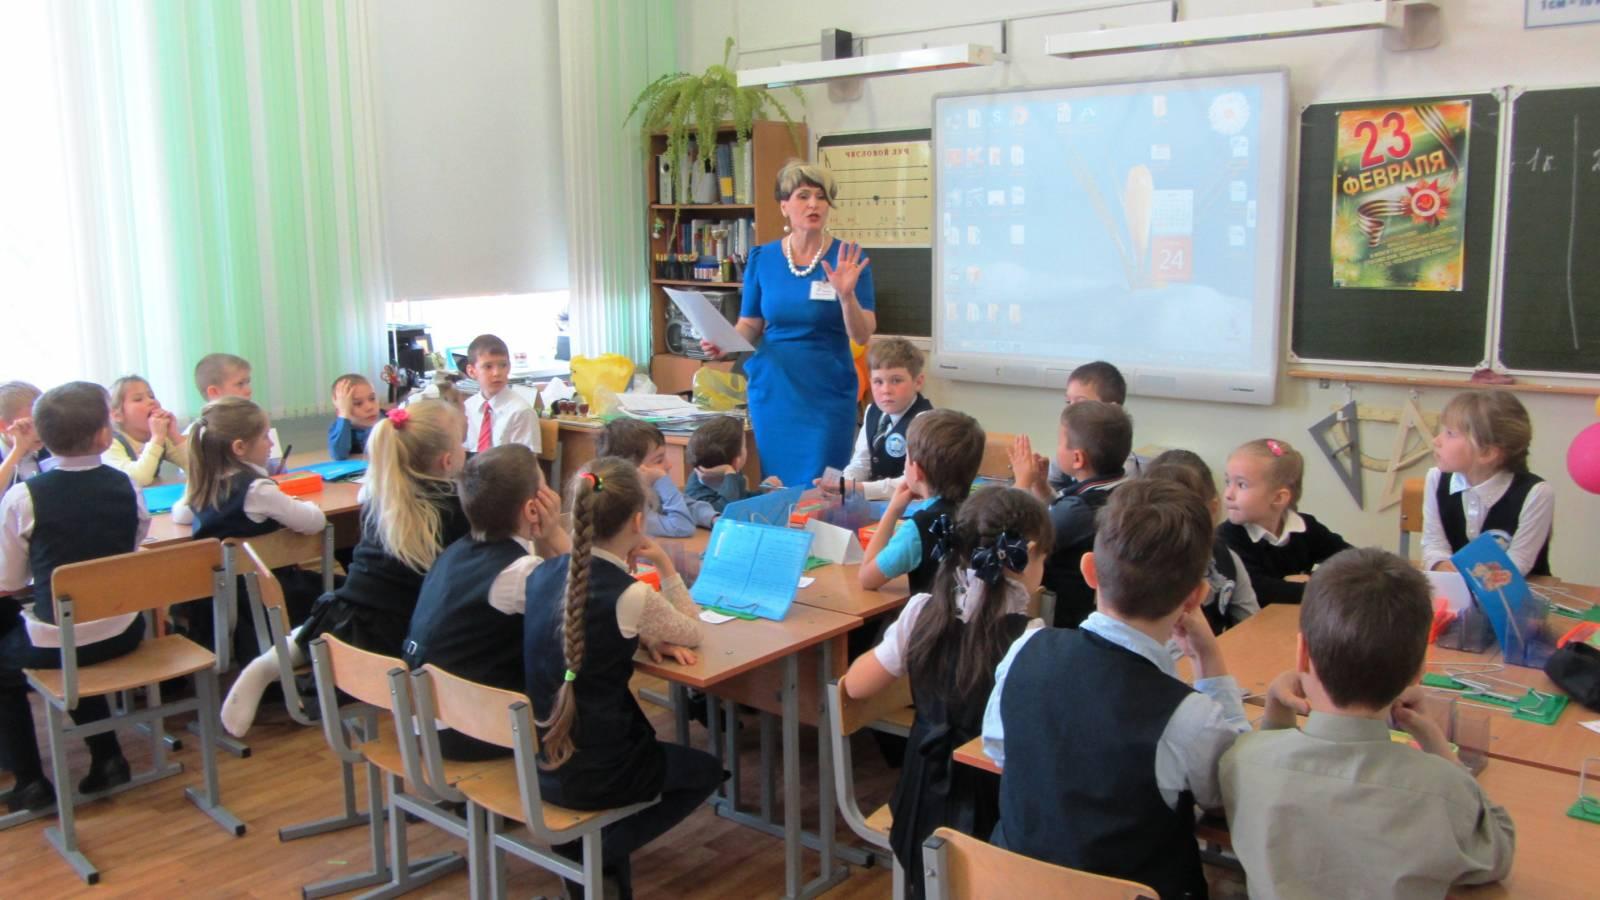 Ролик новоуральск их учителей, В сеть попало хоум-видео школьных учителей из 8 фотография